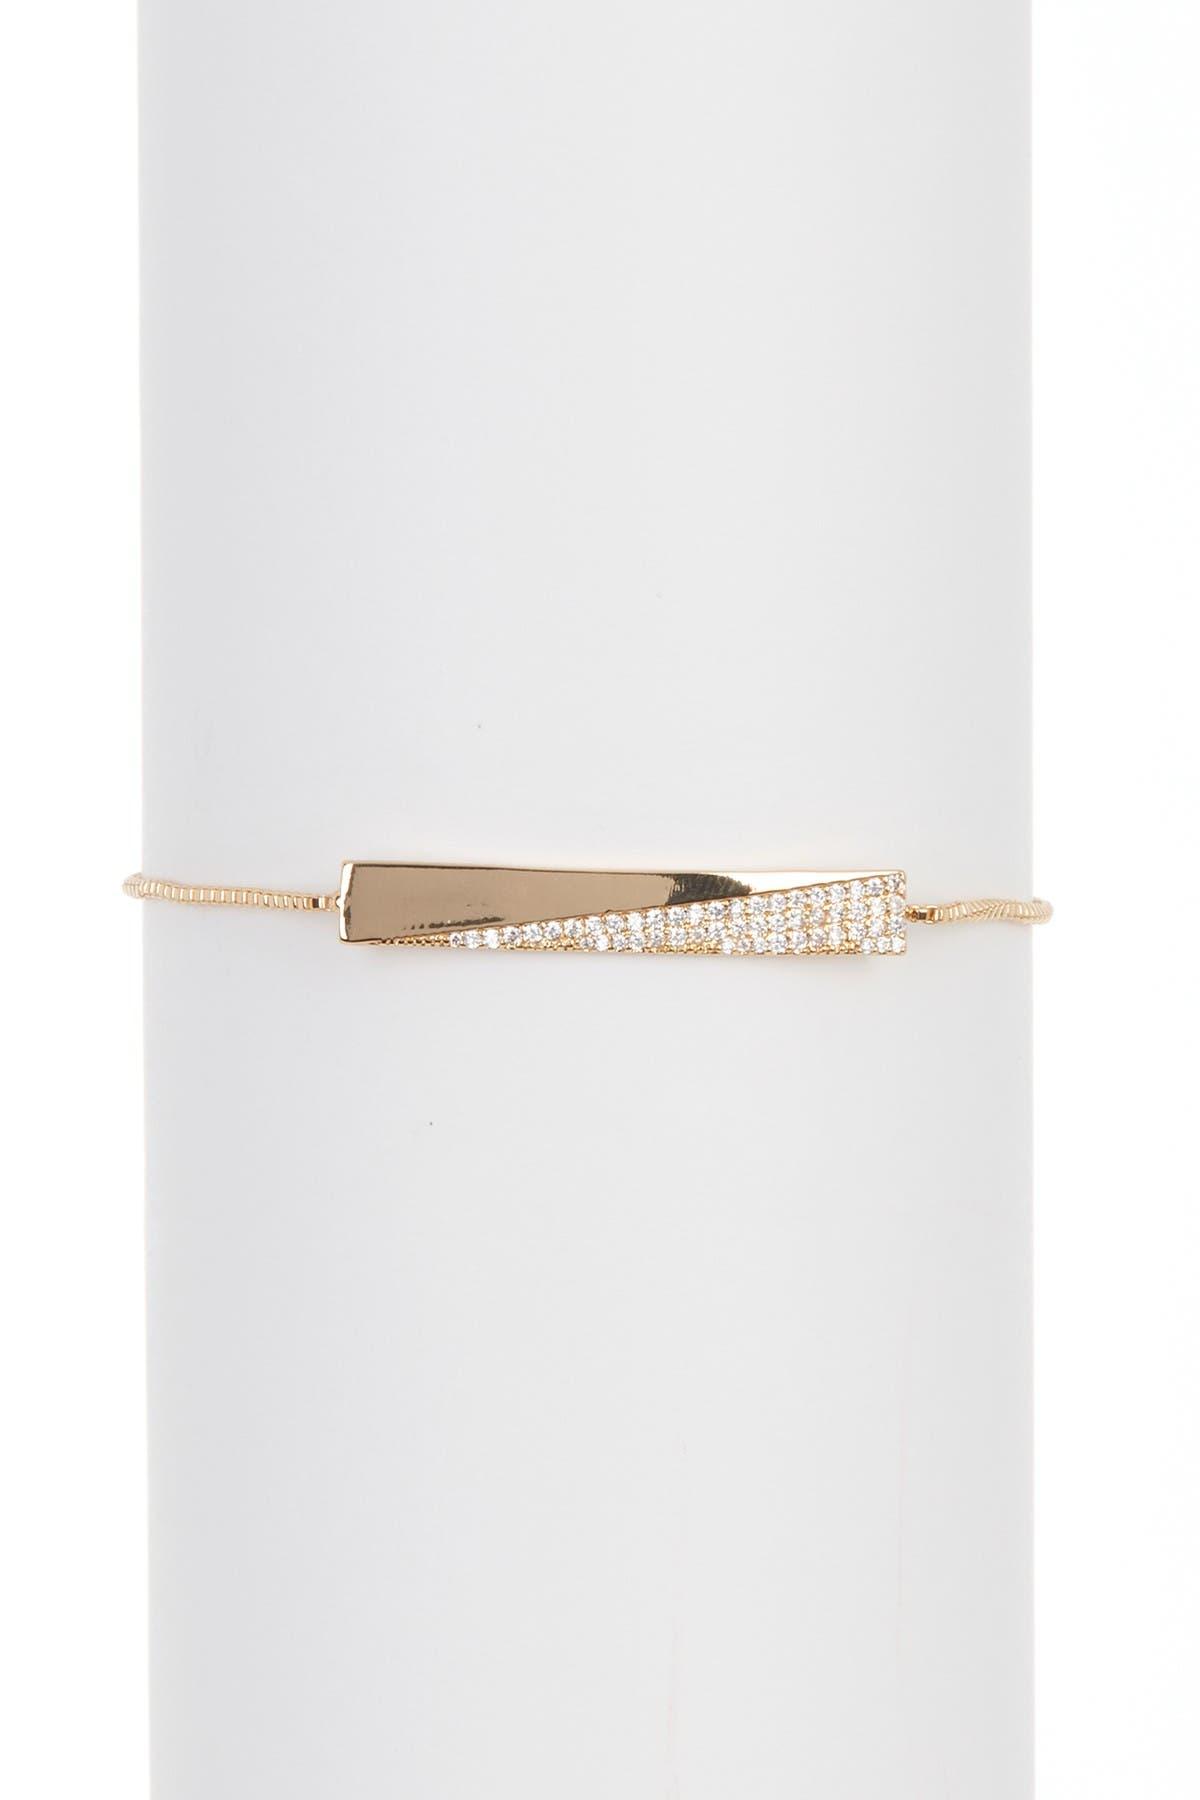 Image of Nordstrom Rack Metal & CZ Pave Bar Slider Bracelet